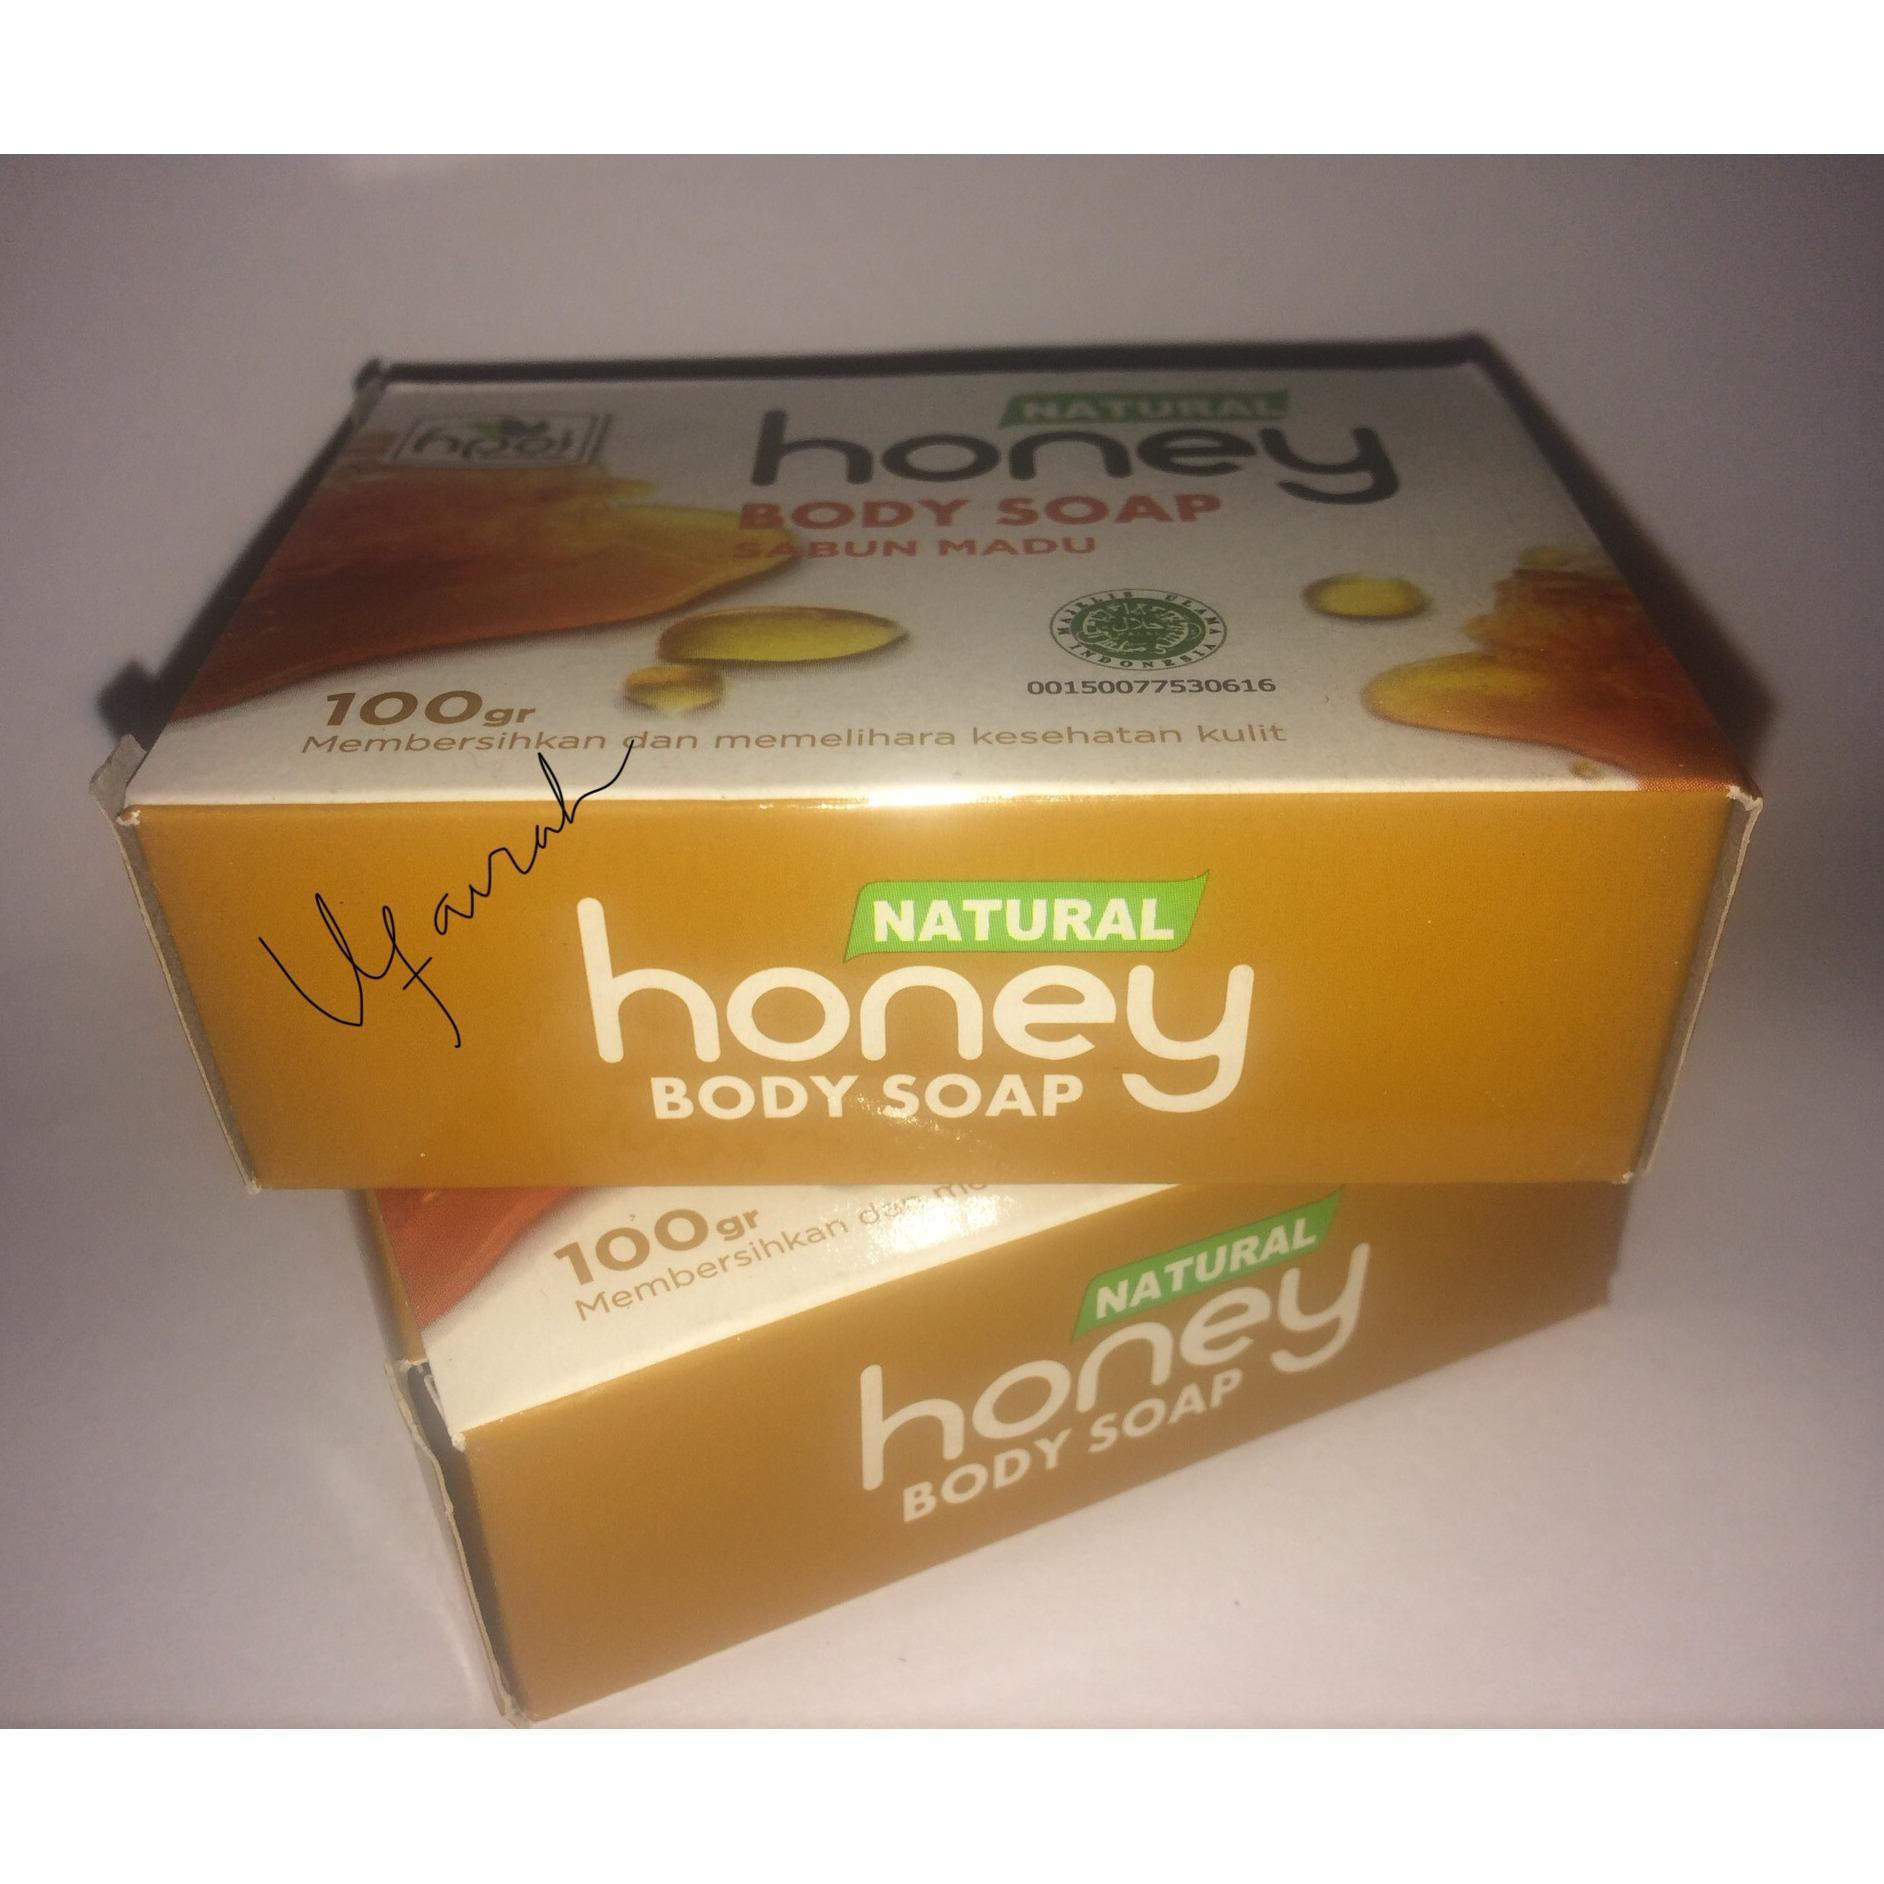 ufaiirah paket sabun honey (madu) hpai isi 2